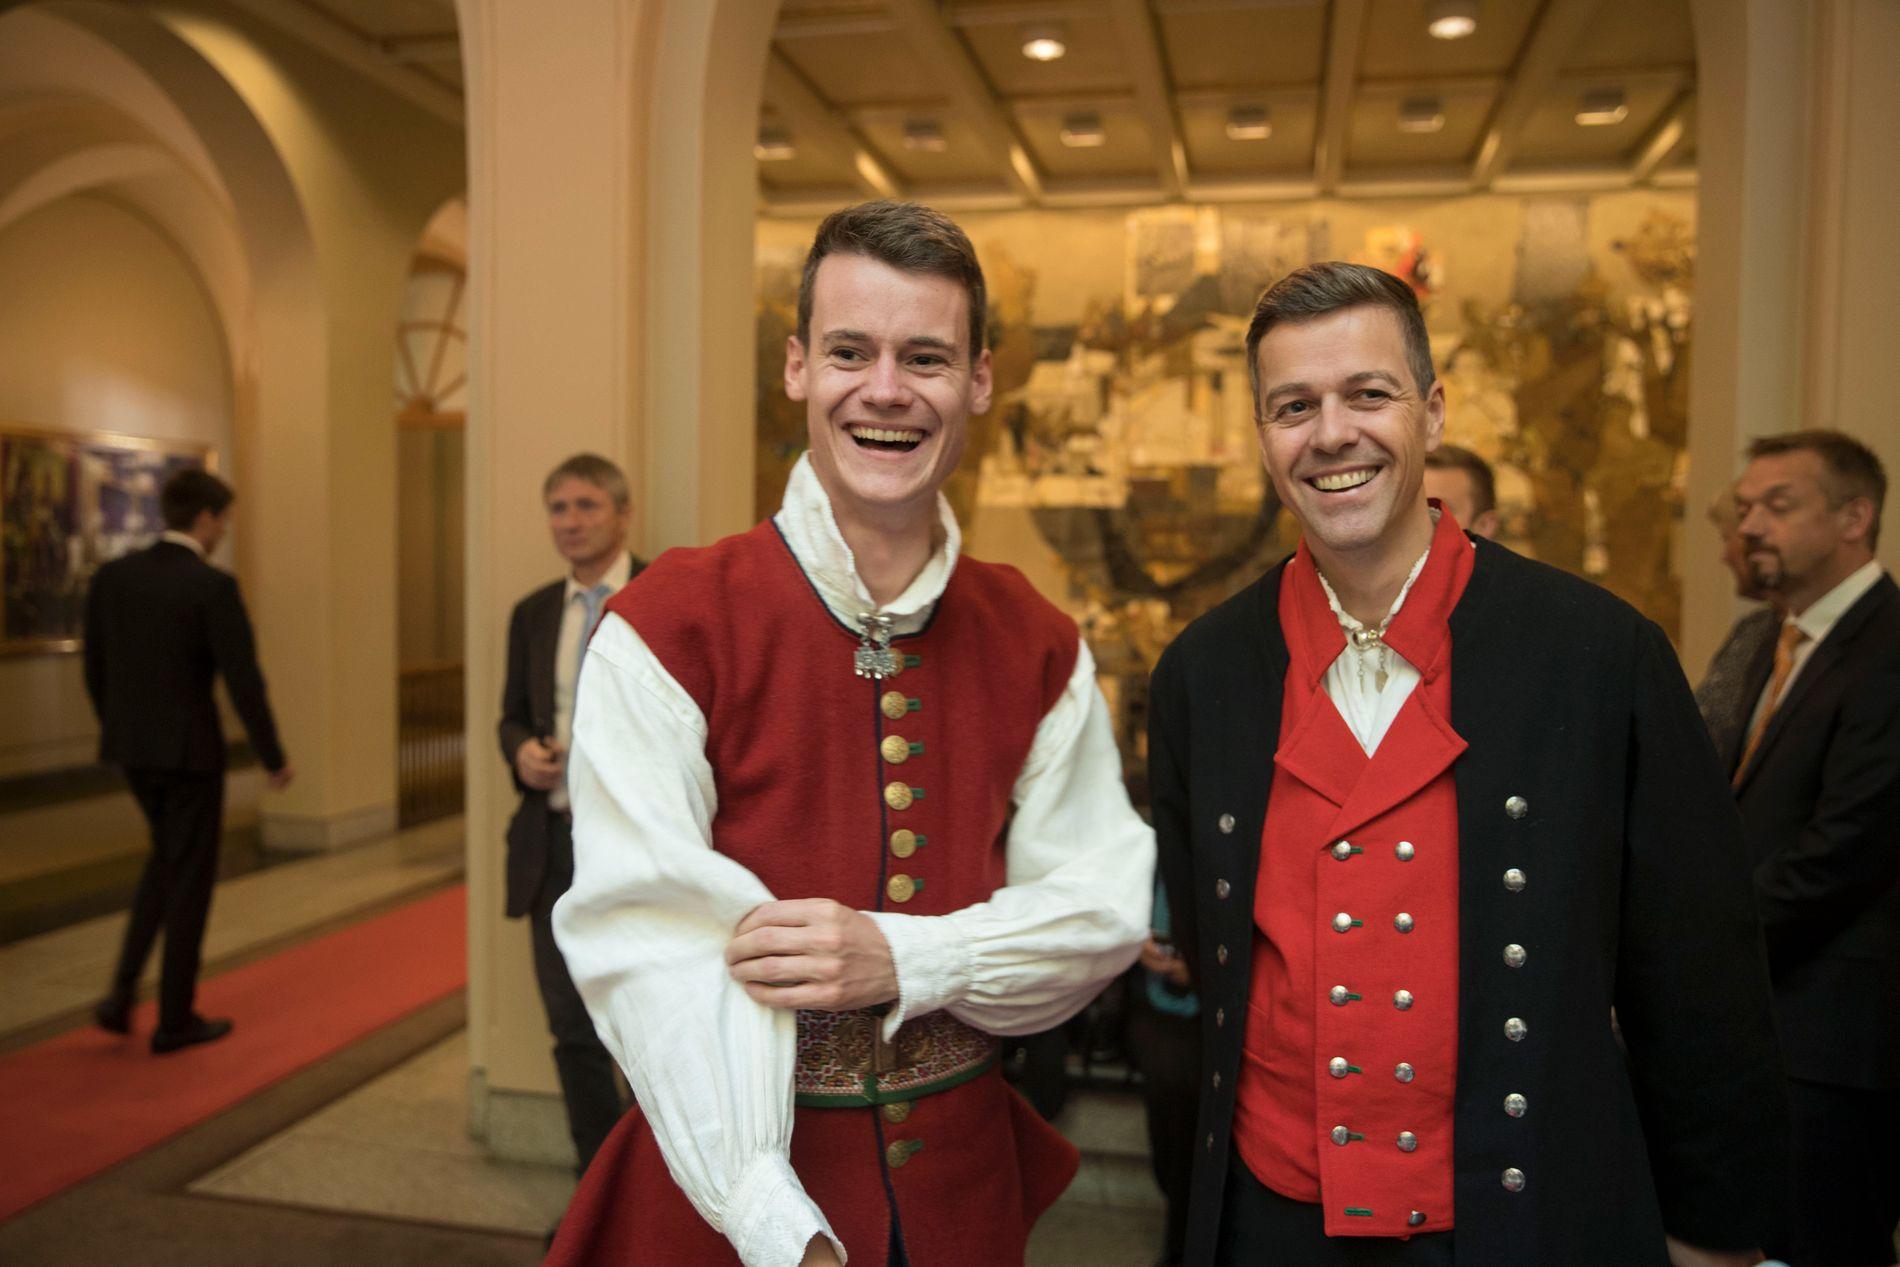 KrFs stortingsrepresentant Tore Storehaug (t.v.) støttet KrF-leder Knut Arild Hareide under partiets retningsvalg i fjor høst, men endte torsdag med å stemme for regjeringsplattformen KrF, Venstre, Høyre og Fremskrittspartiet har forhandlet fram.